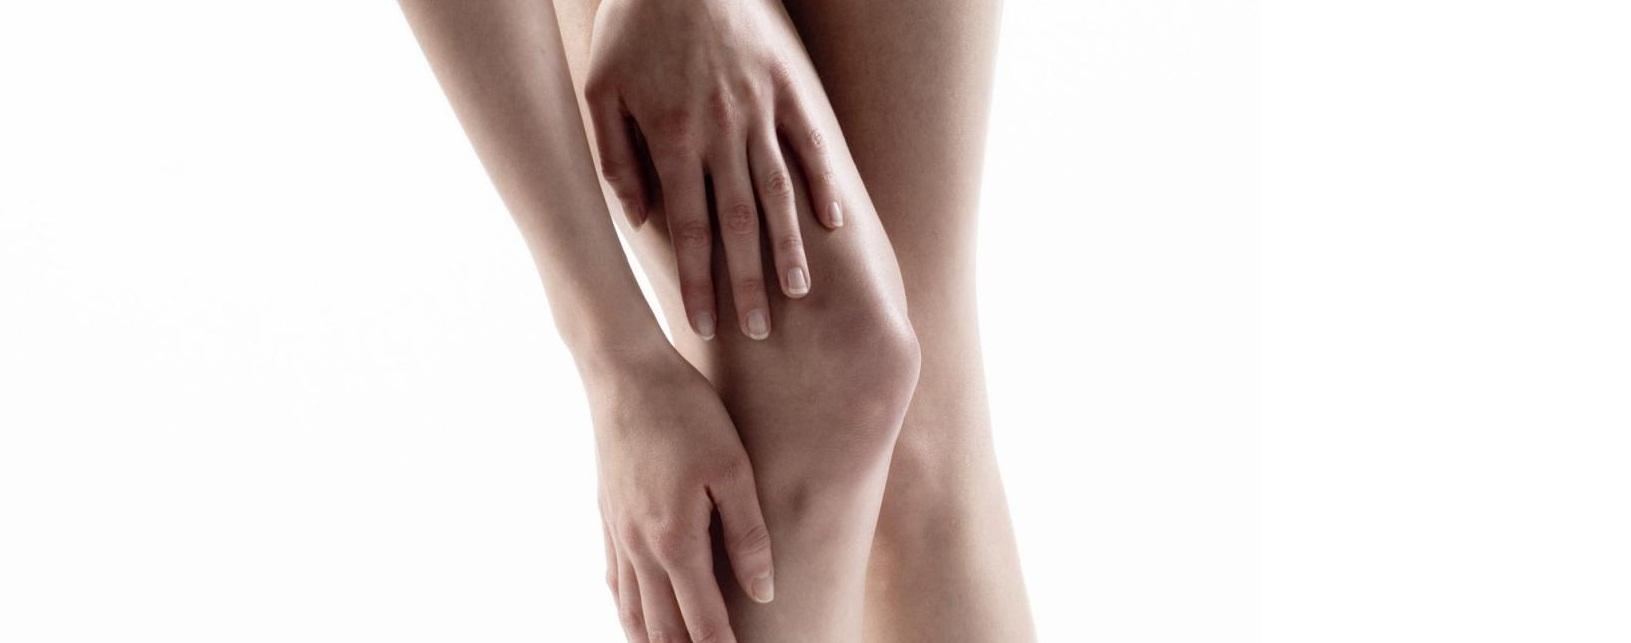 8 Причин боли под коленом сзади, диагностика и лечение